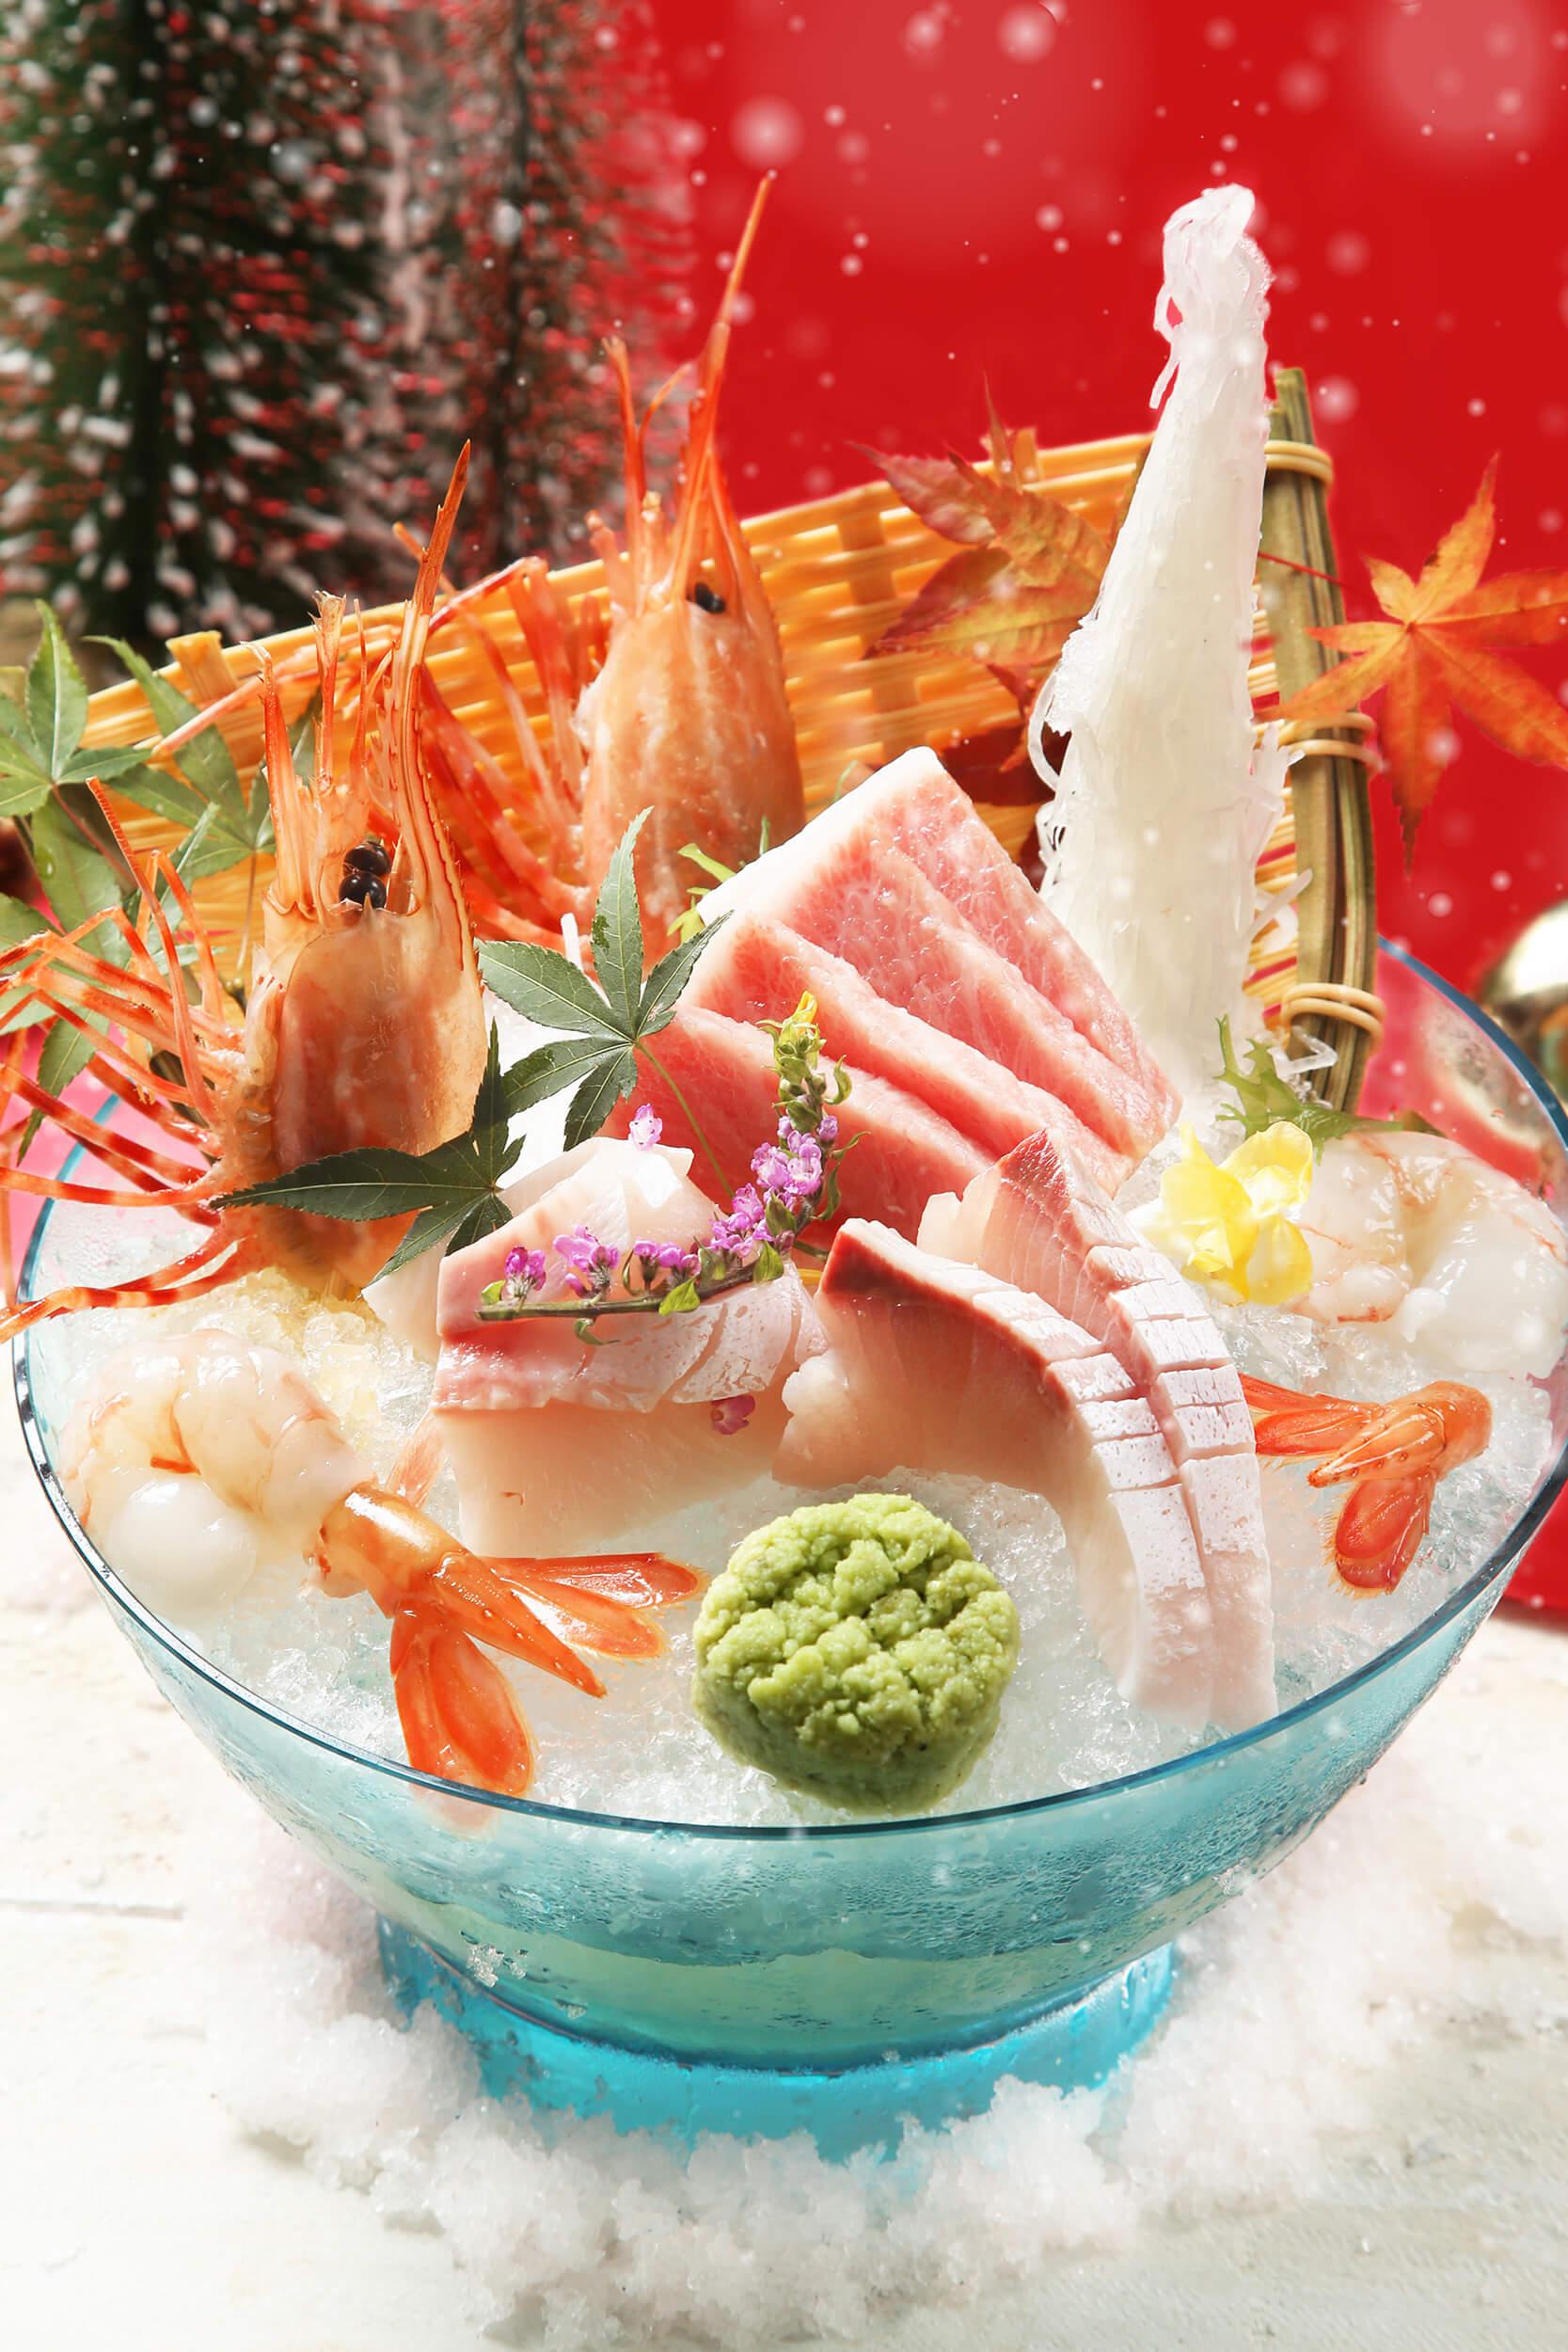 吞拿魚腩刺身盛合有多款日本直送刺身,鮮味十足。